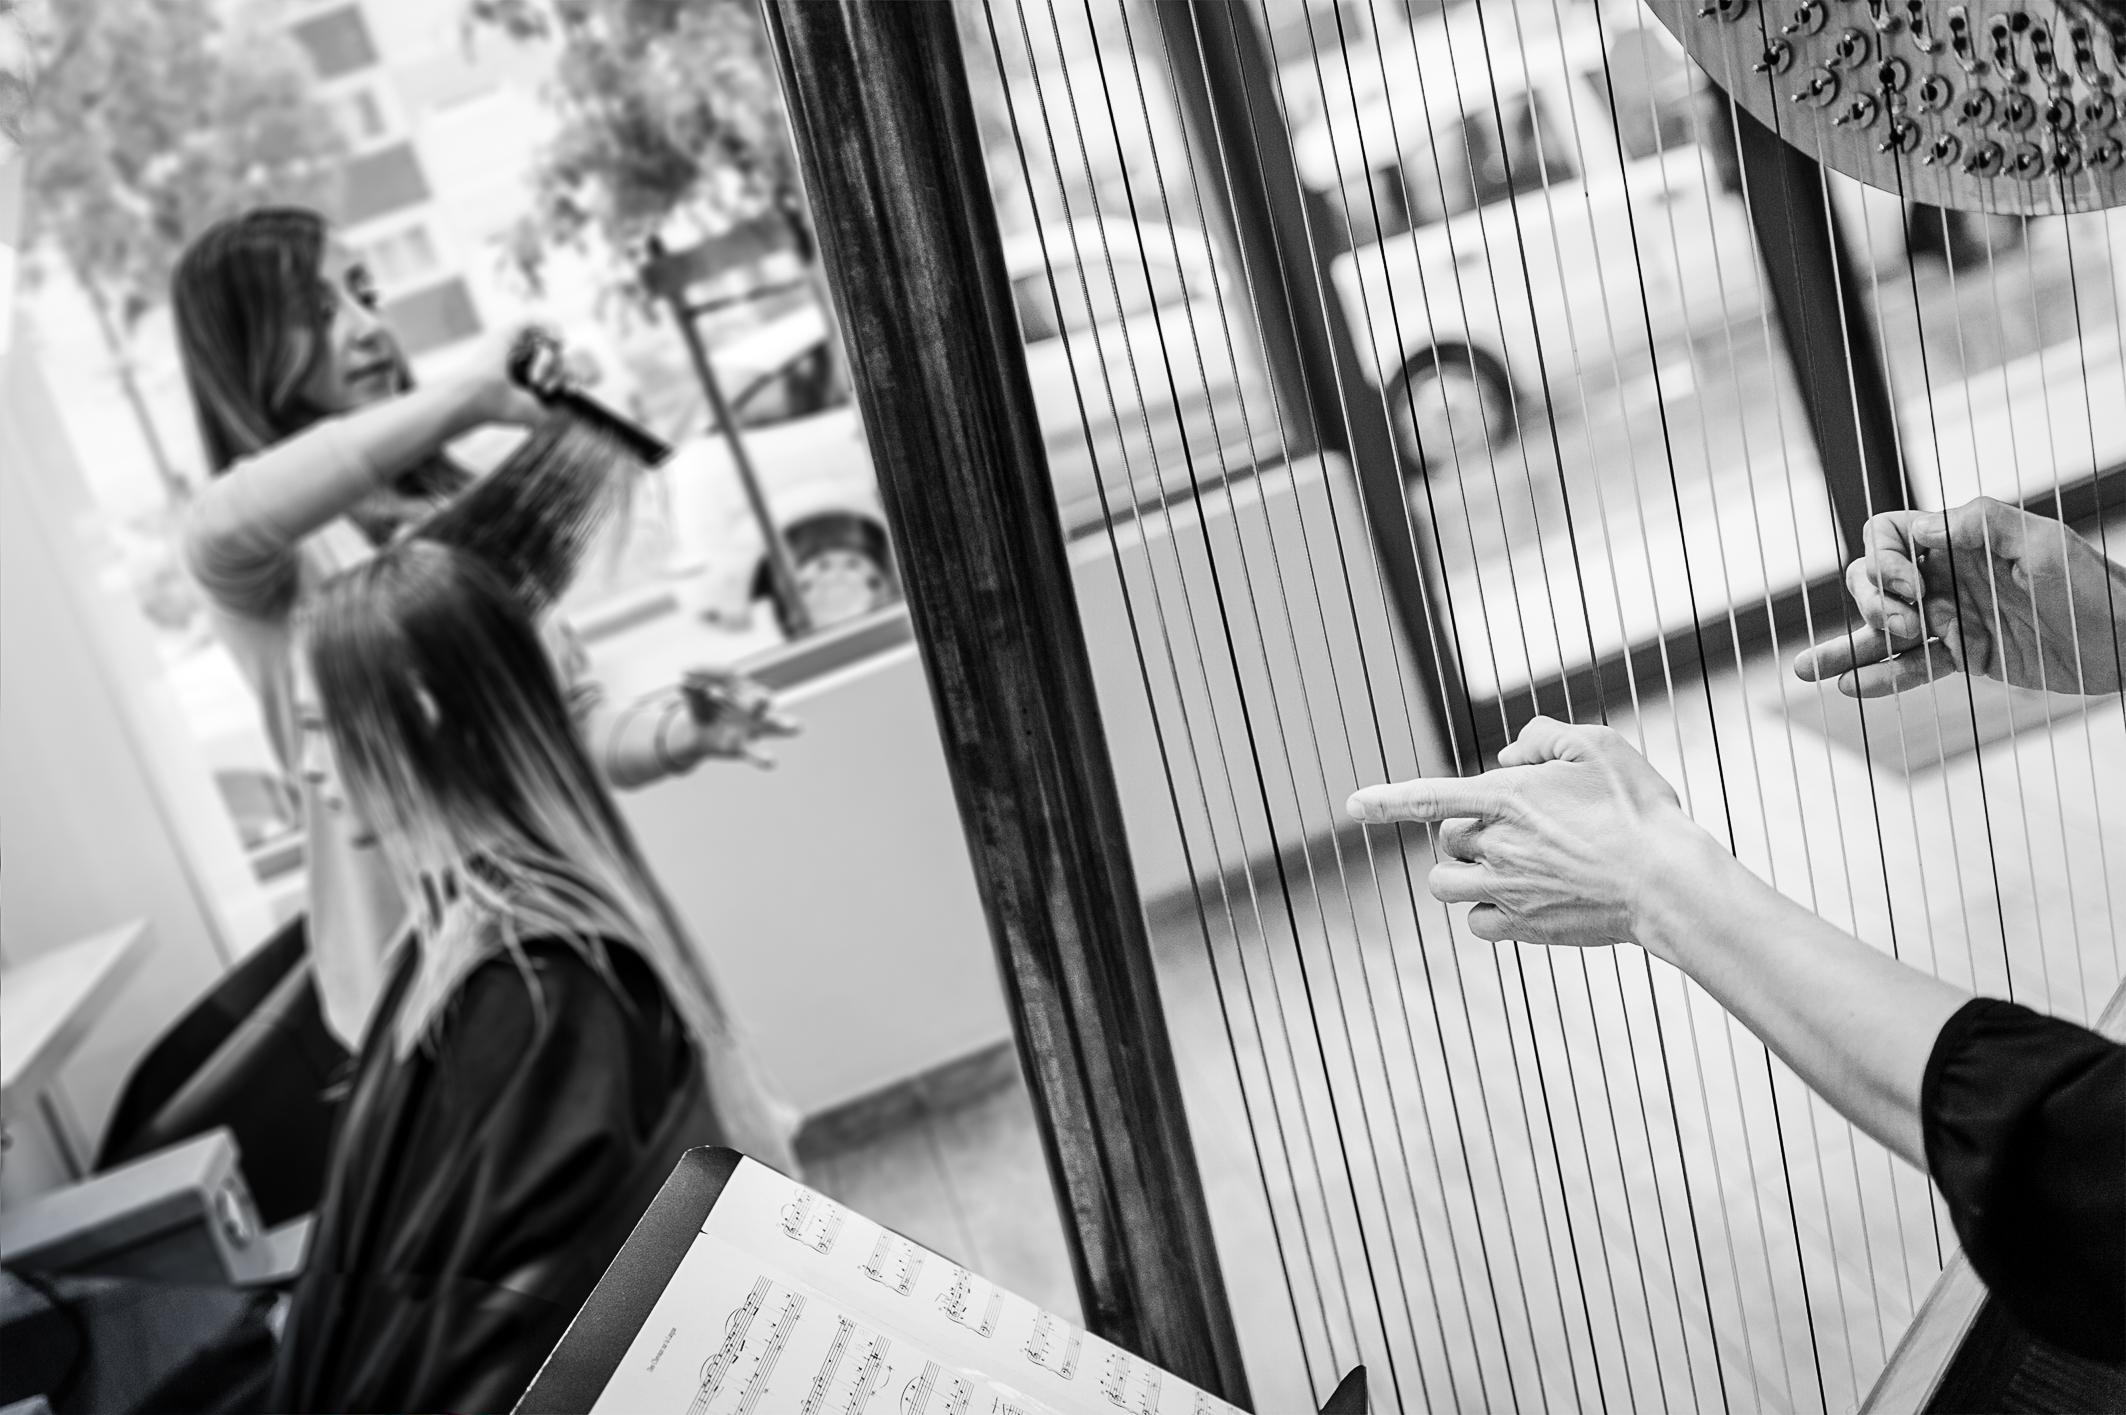 Opéra de Lyon Sagesse salon de beauté 2017 ©Christophe Charpenel